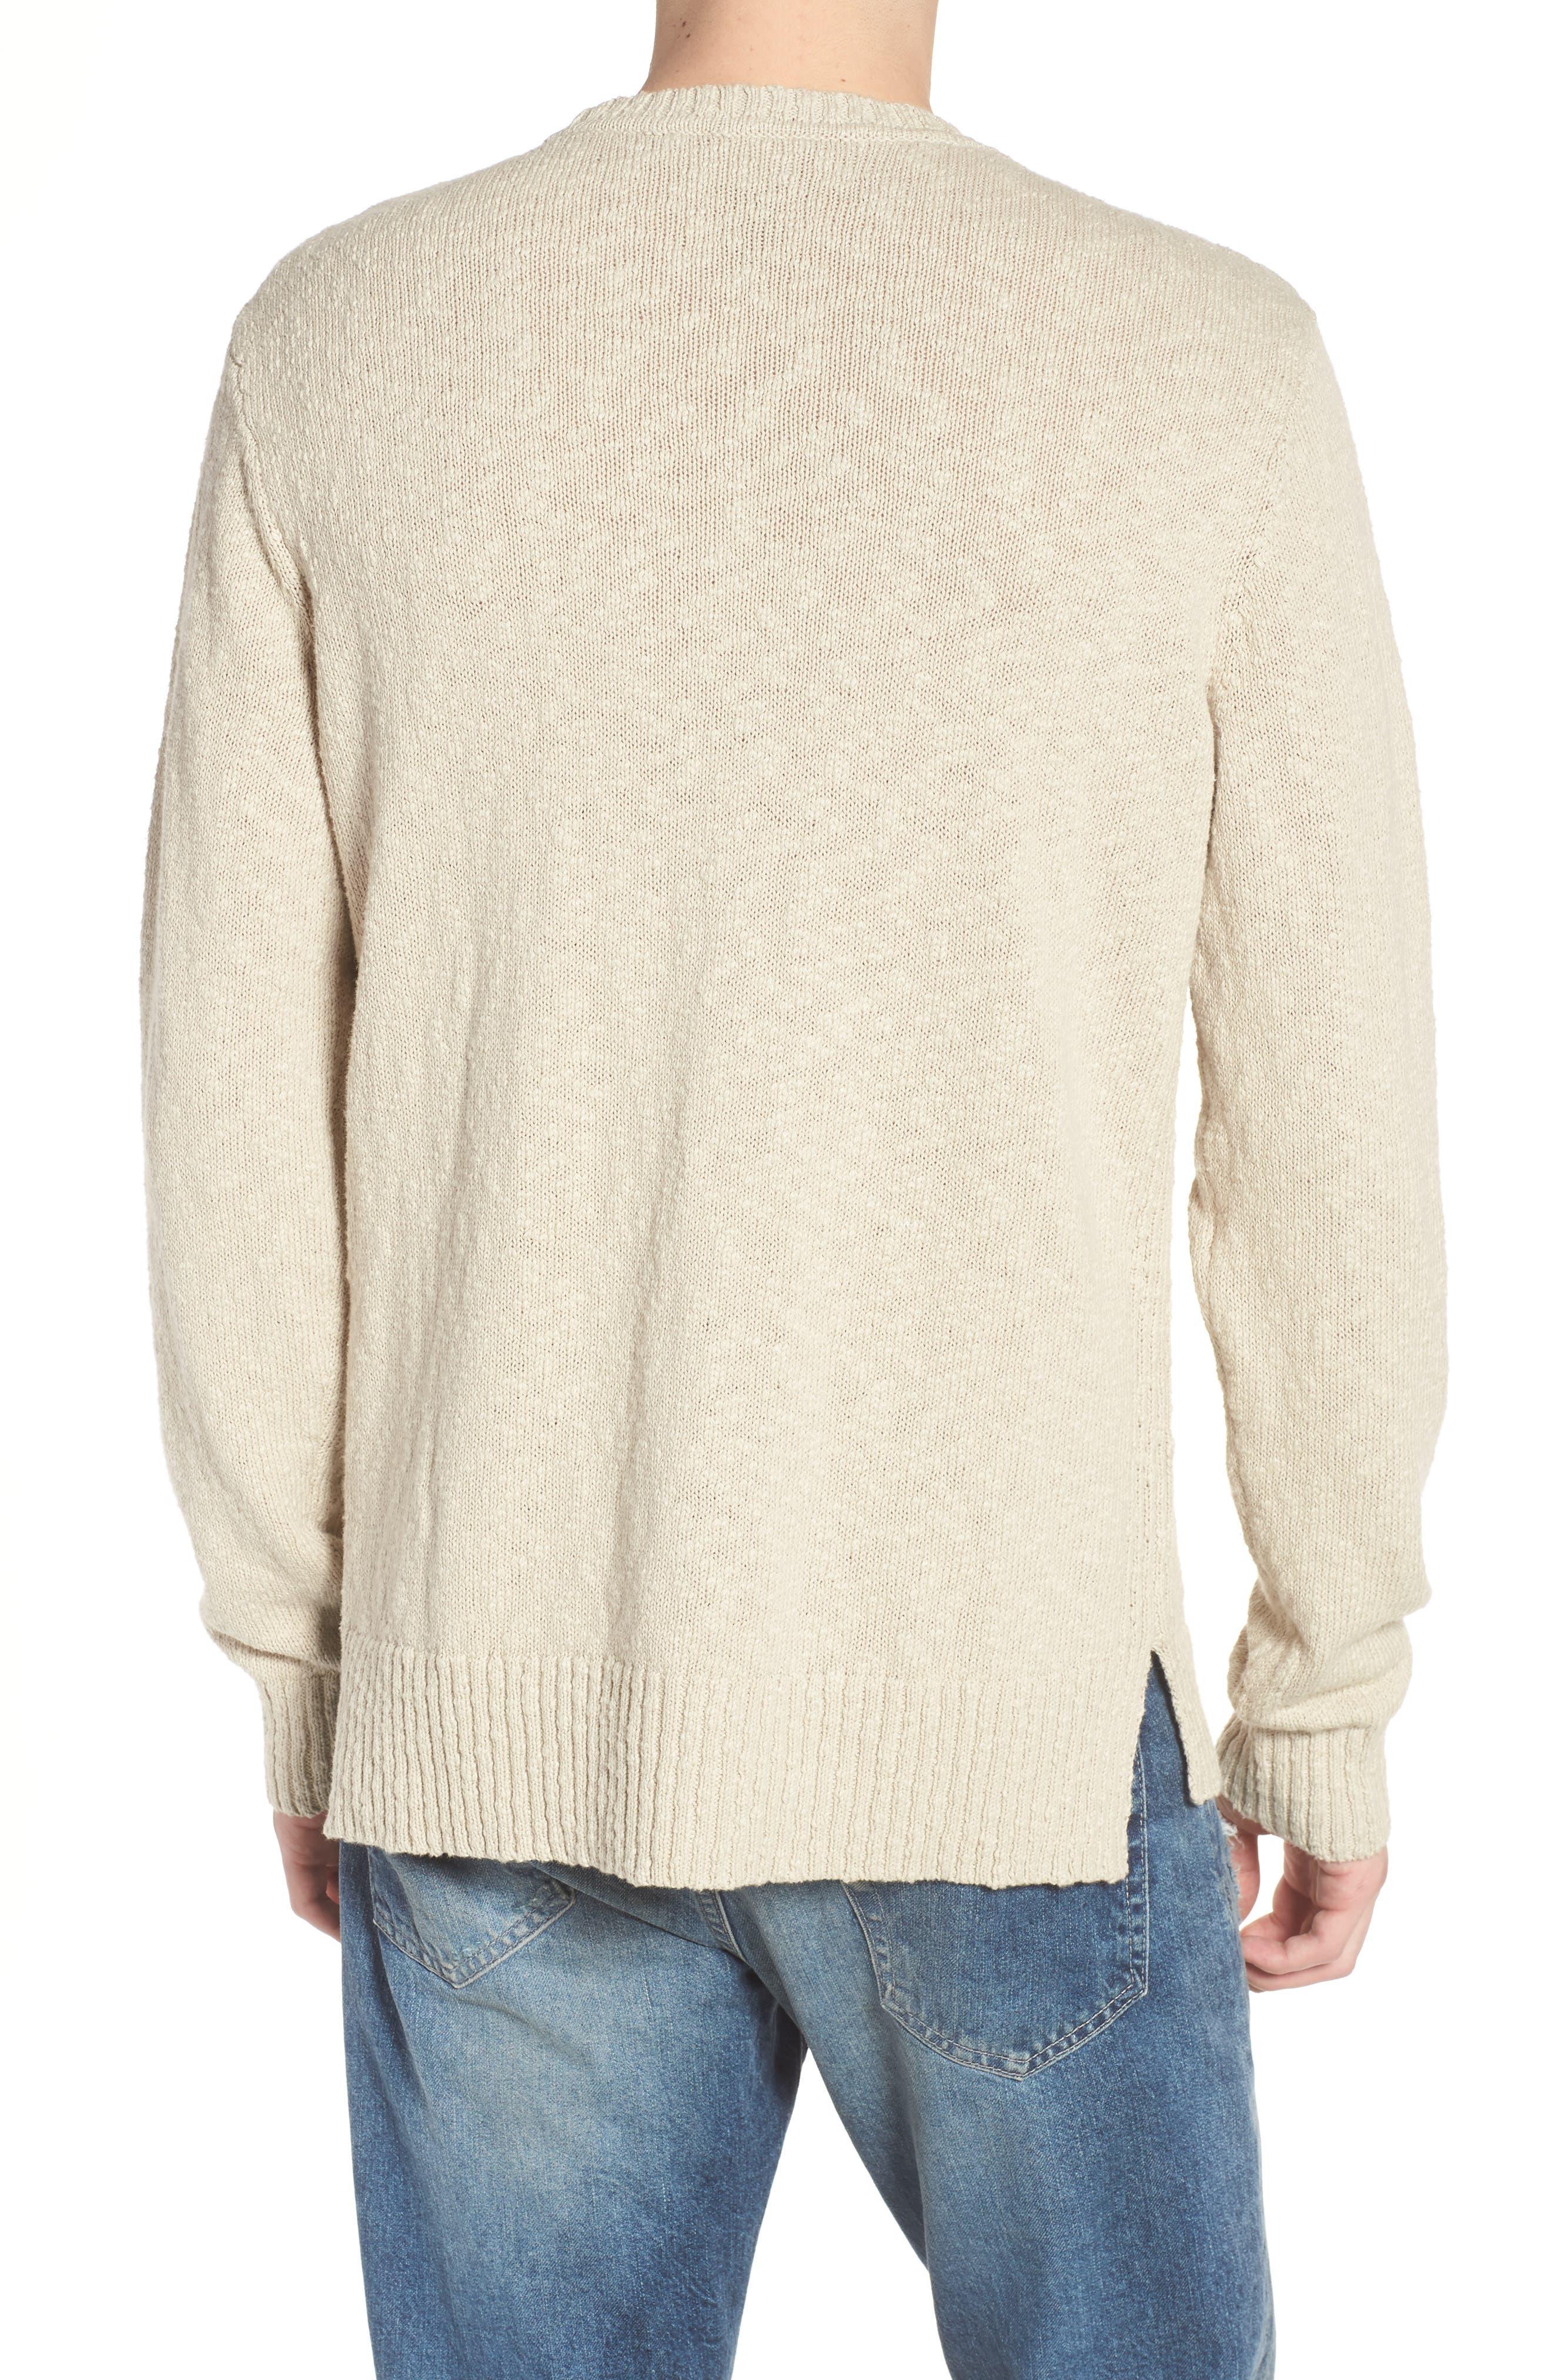 Deklyn Slim Fit Crew Sweater,                             Alternate thumbnail 2, color,                             250